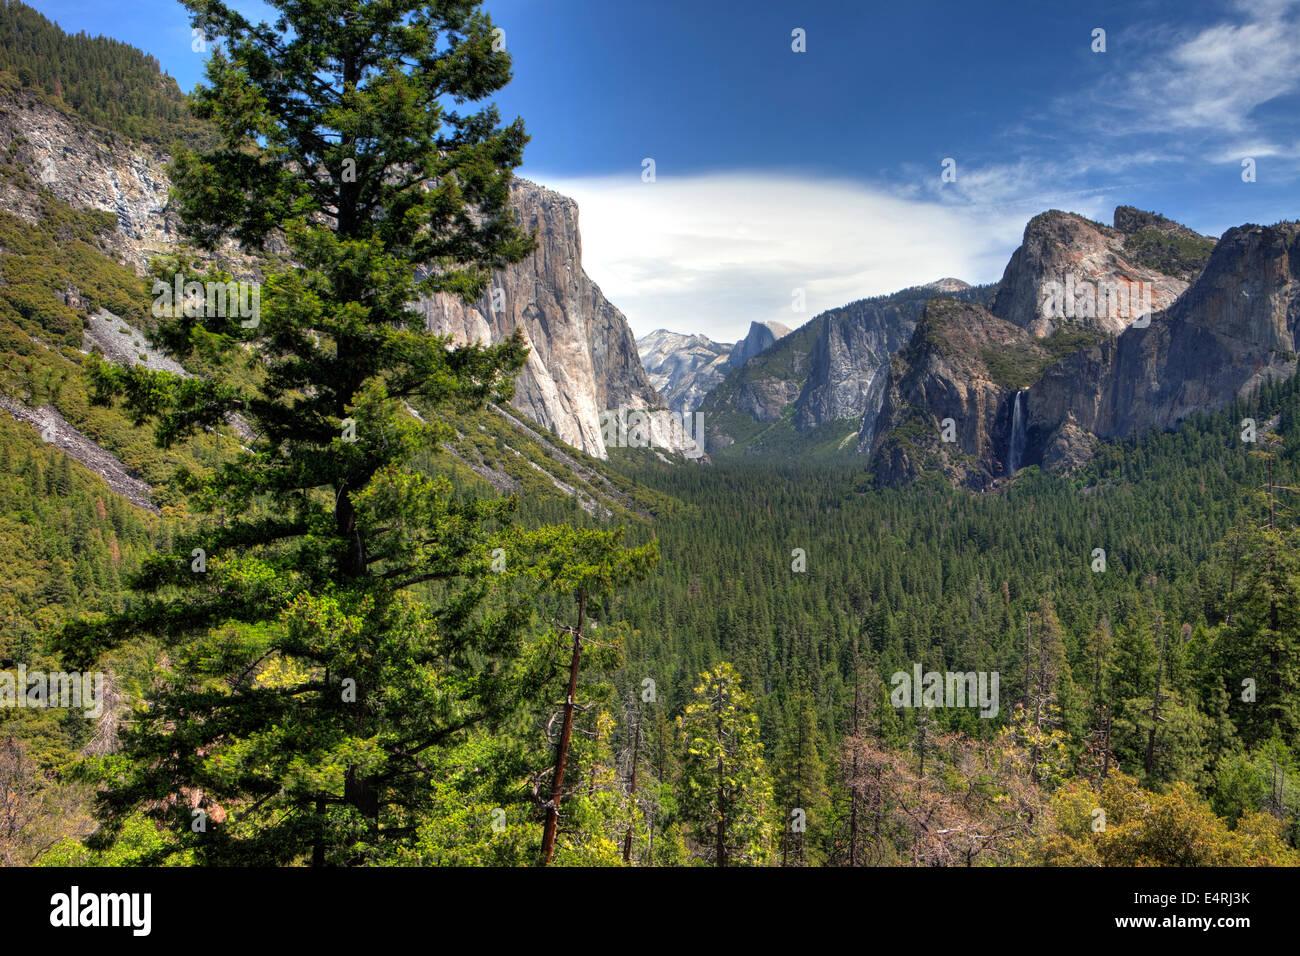 Yosemite National Park, Calif. USA - Stock Image